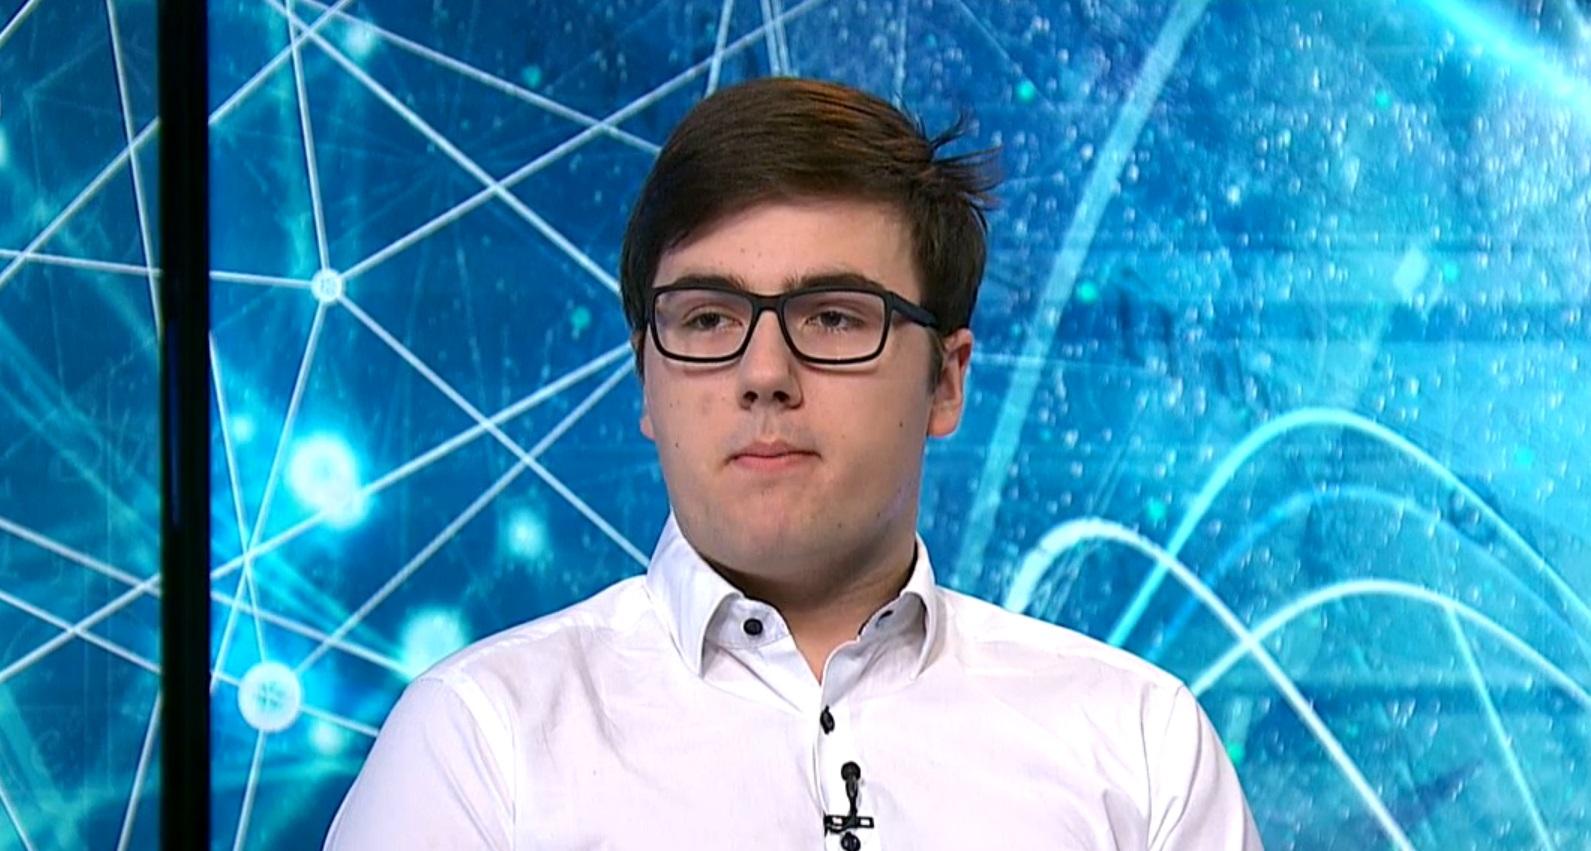 Udvardi Péter, az EU Ifjúsági Tudományos és Innovációs Tehetségkutató Versenyének különdíjasa (Forrás: M1)